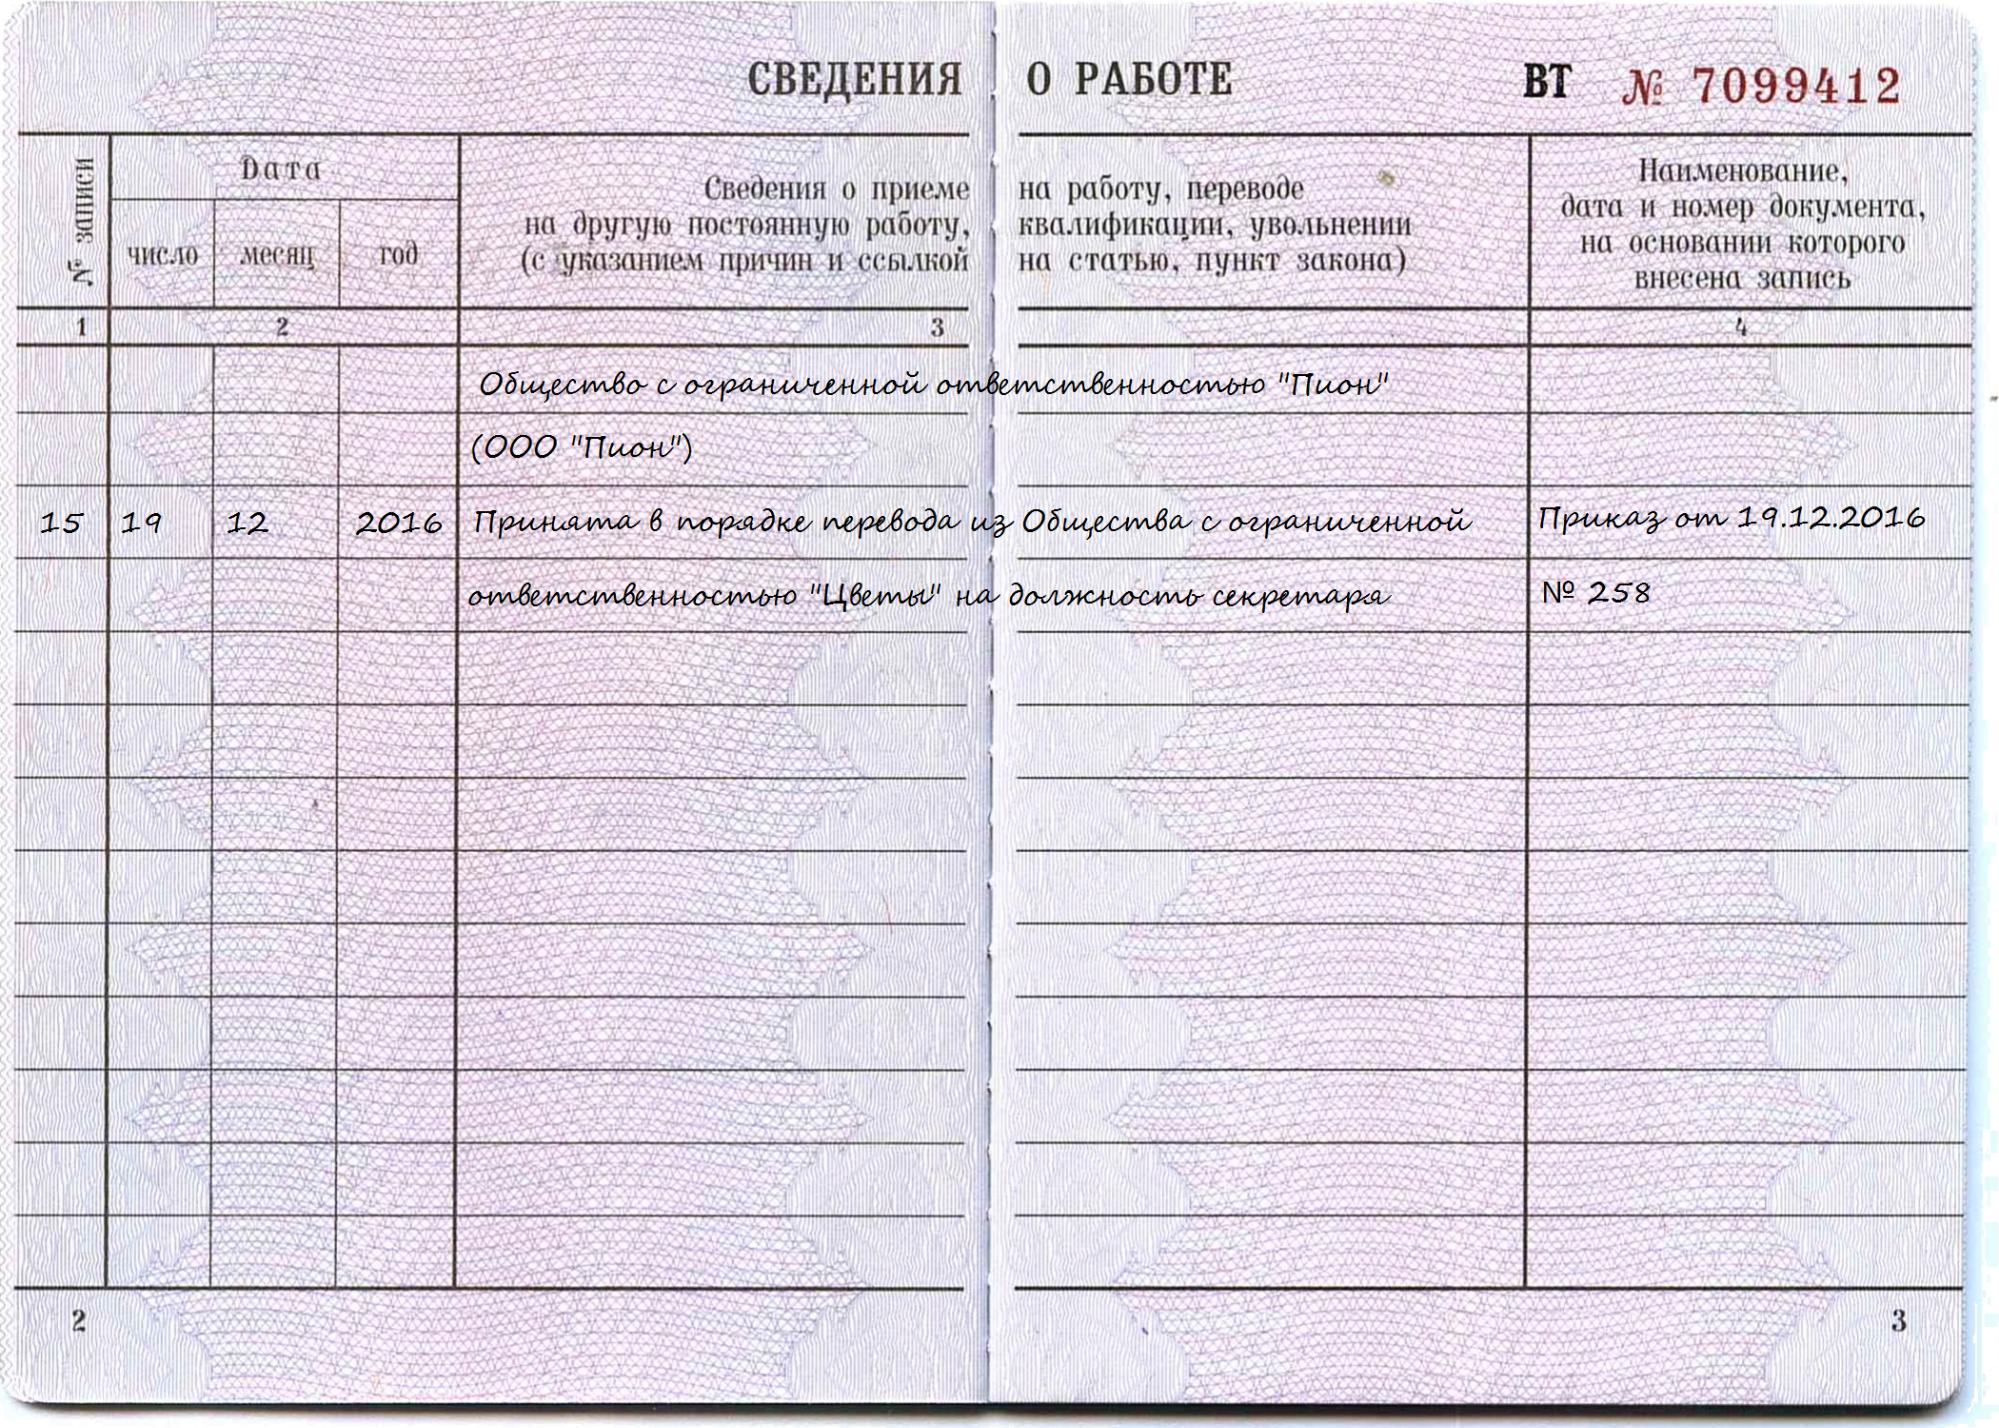 Изъятие земельного участка у собственника в связи с неиспользованием компенсация